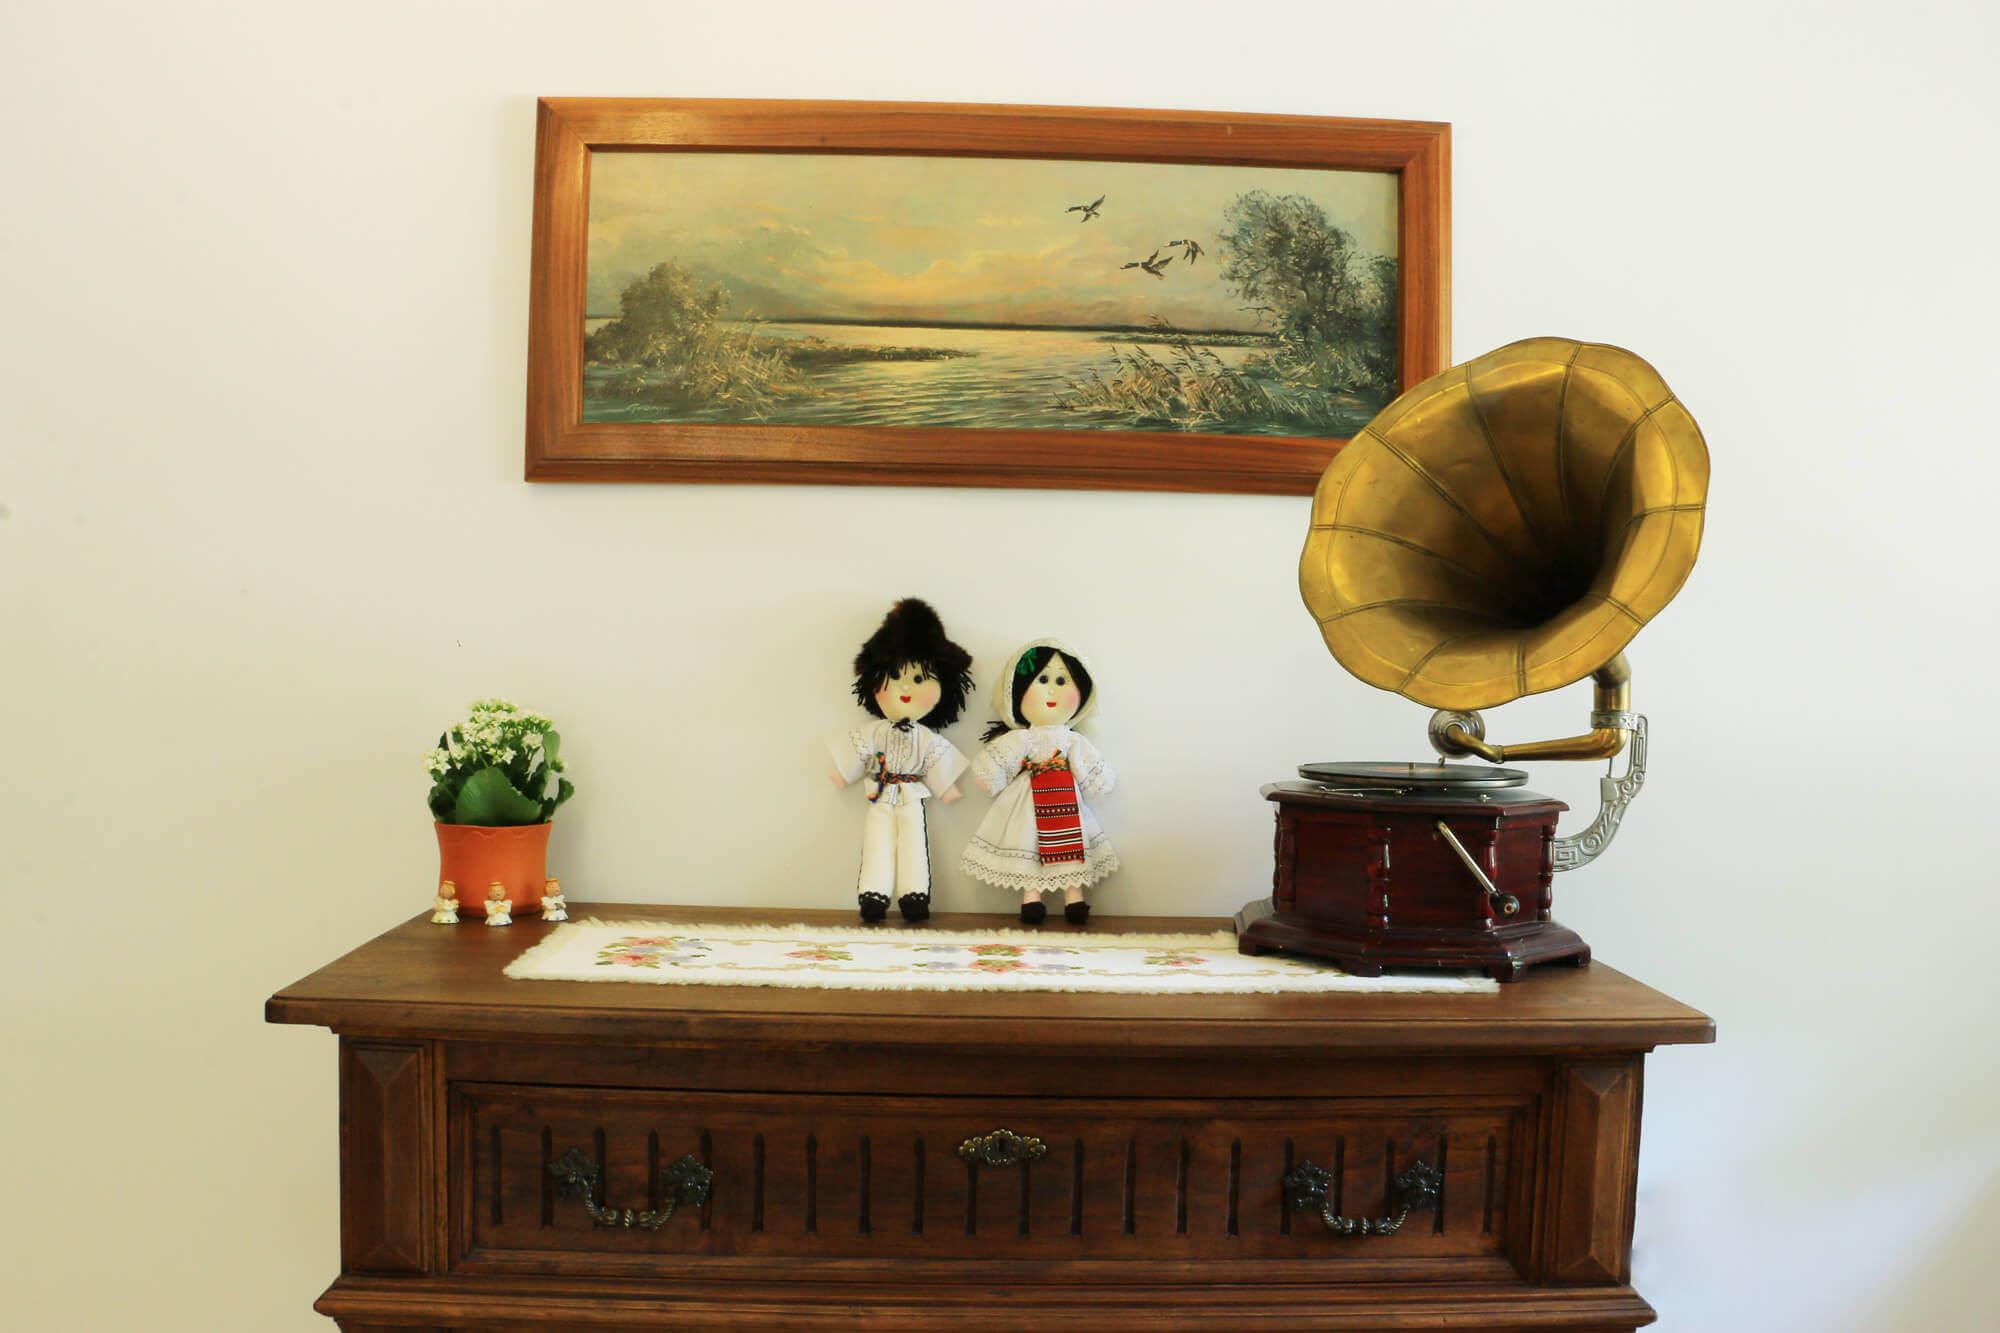 cabana izvoranu buzau camera 3 fonograf